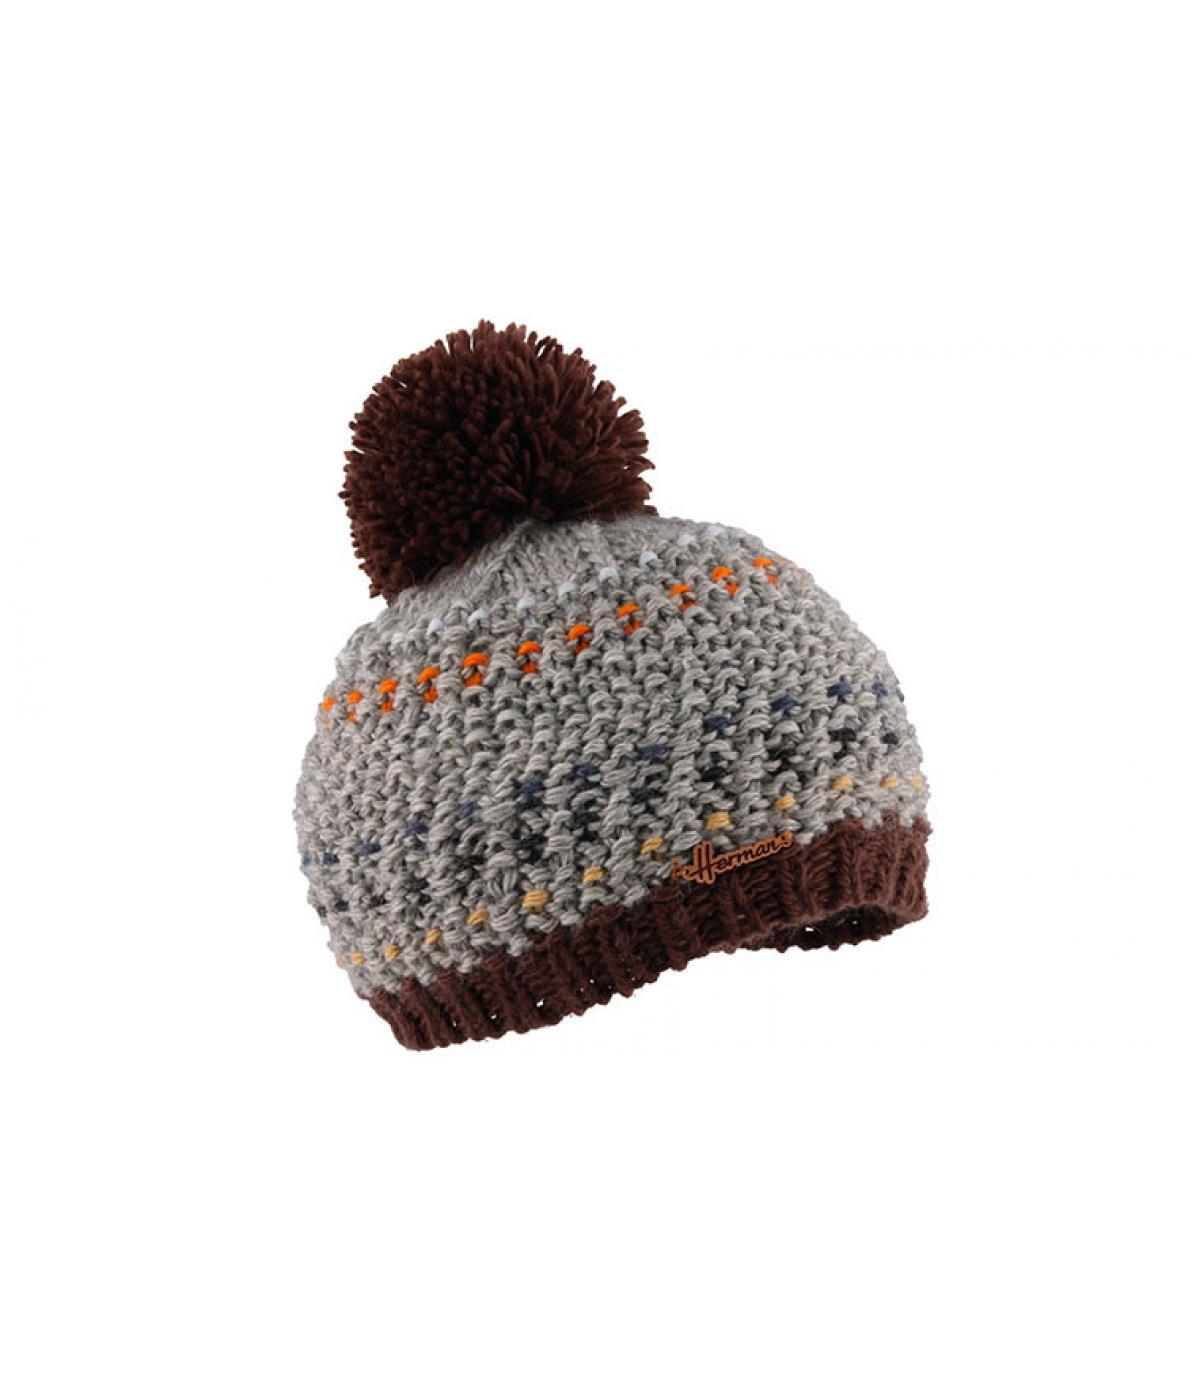 Bonnet garçon - Boutique de bonnets pour garçons. 61a070c52b2